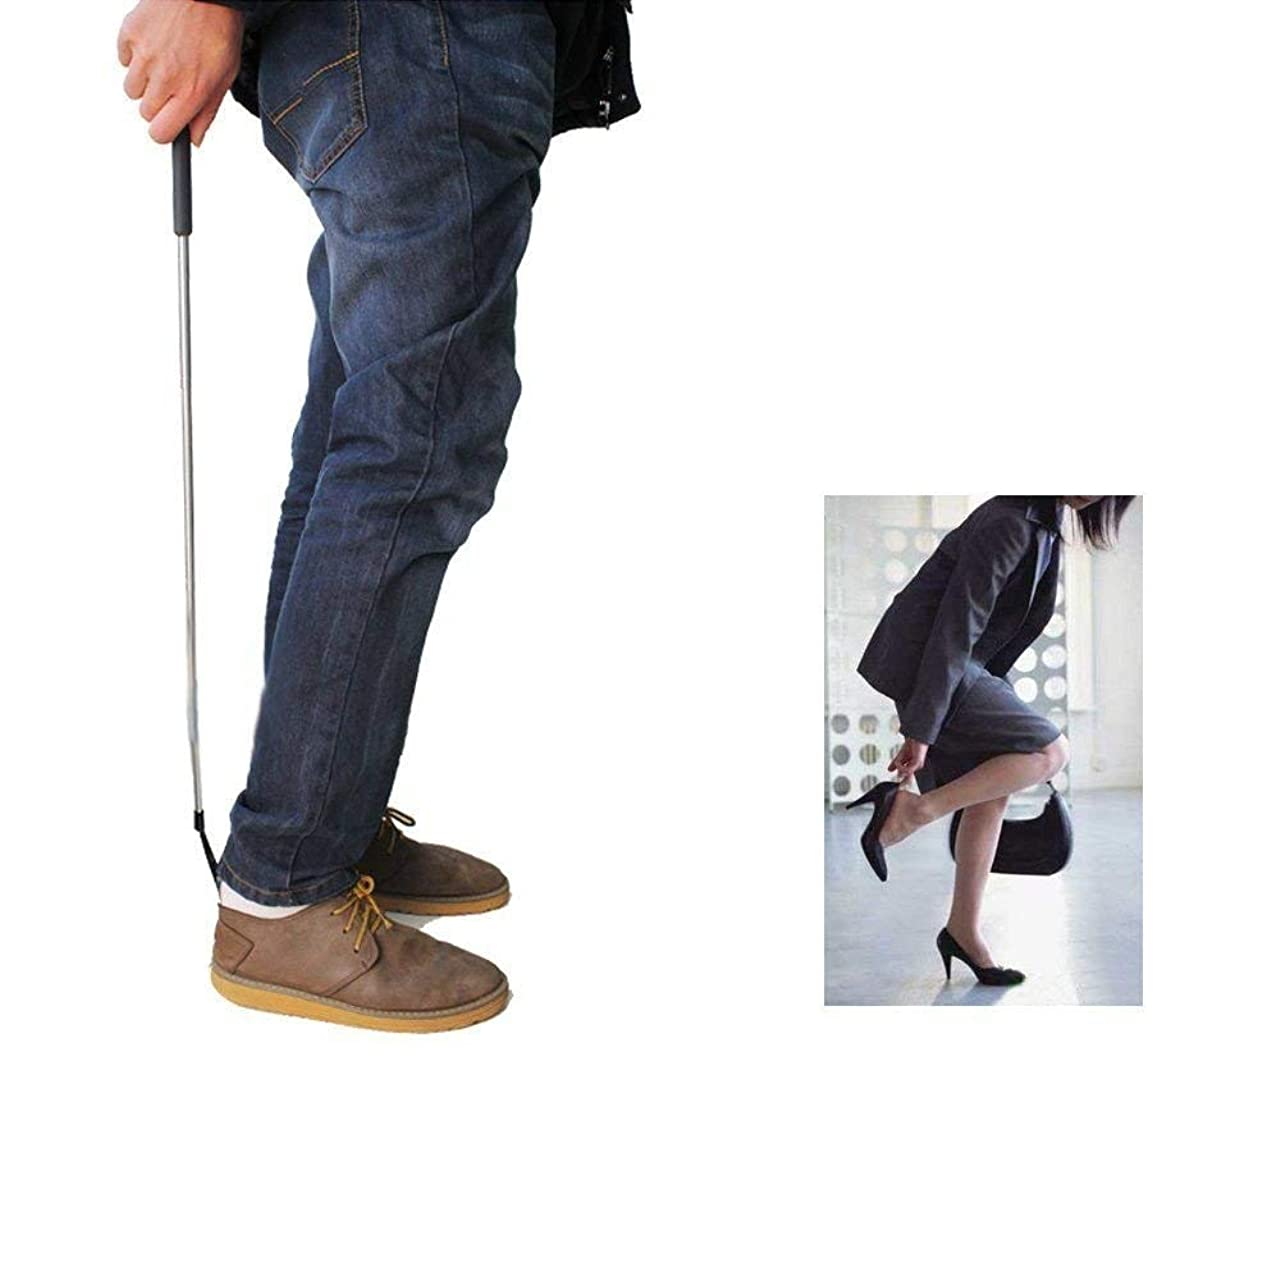 義務的ブラインドイブPichidr-JP 靴べら シューホーン くつべら 靴 長ヘラ 携帯 伸縮自在 シューケア ロング 軽量 高齢者 靴の角拡張可能&折りたたみ 男性女性靴